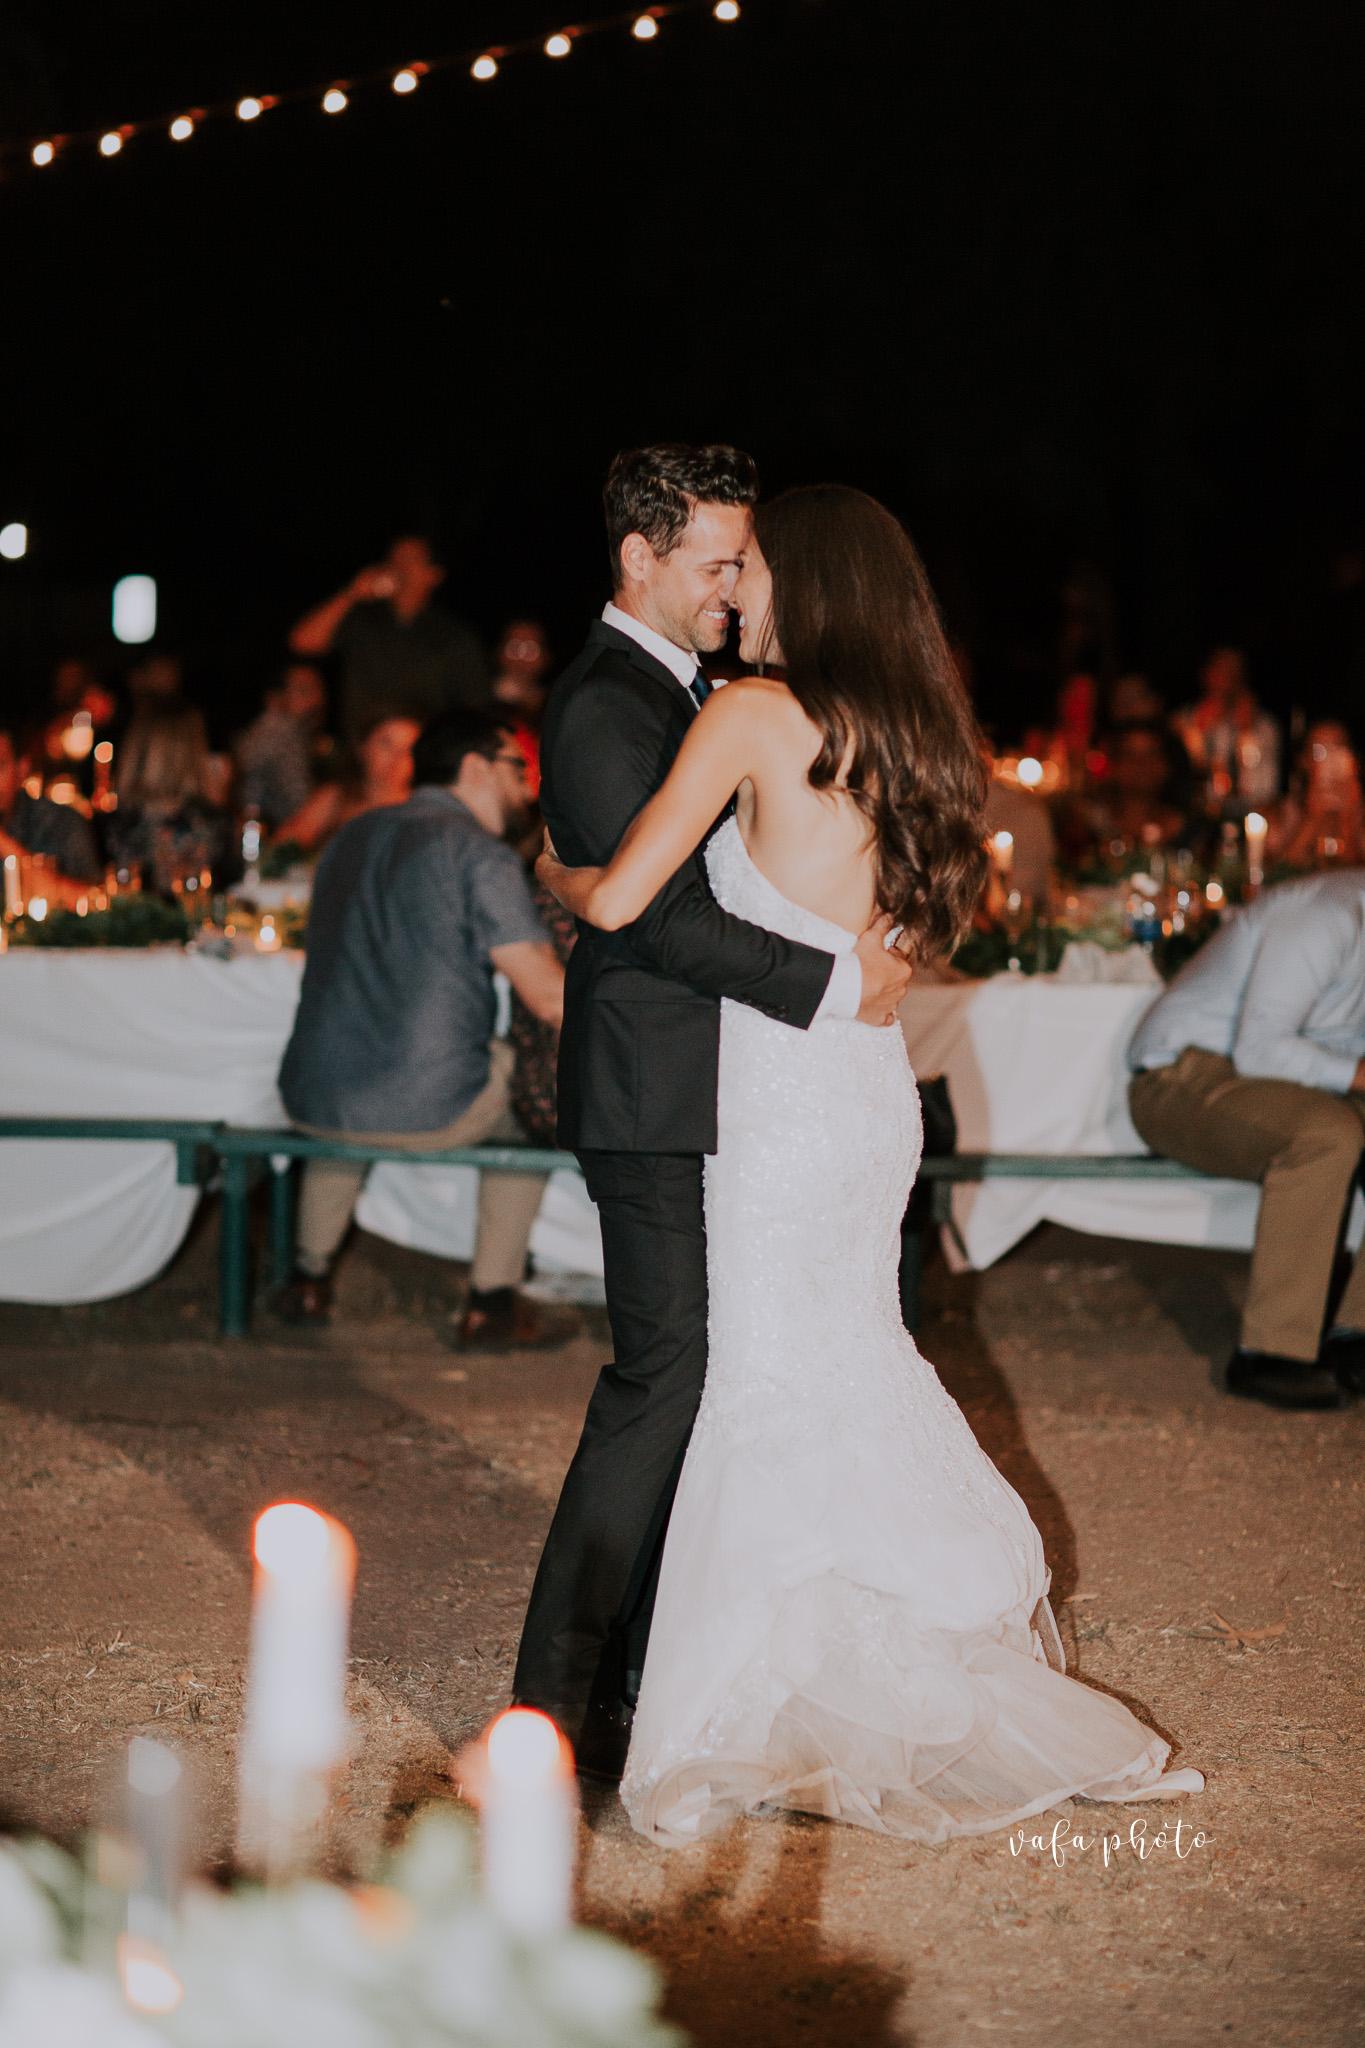 Southern-California-Wedding-Britt-Nilsson-Jeremy-Byrne-Vafa-Photo-894.jpg